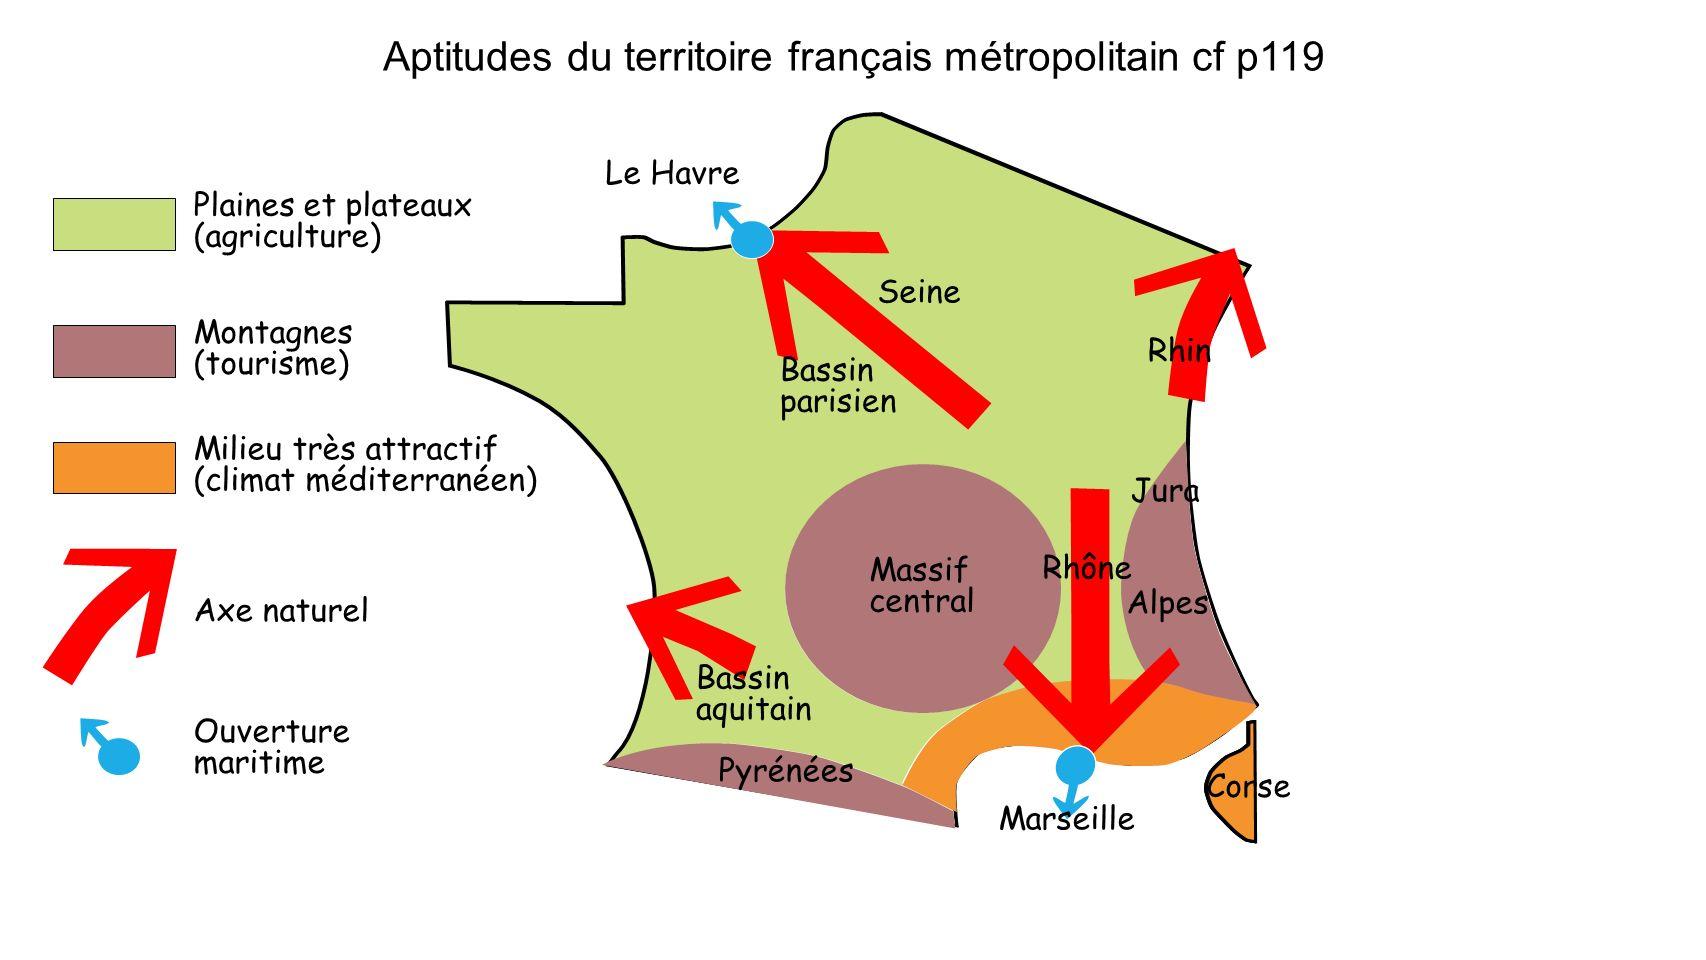 Mer Méditerranée Manche Océan Atlantique Répartition spatiale de la population cf p 121 Répartition spatiale Densité de la population Forte + importante - Moyenne Faible Dynamiques spatiales.........................................................................................